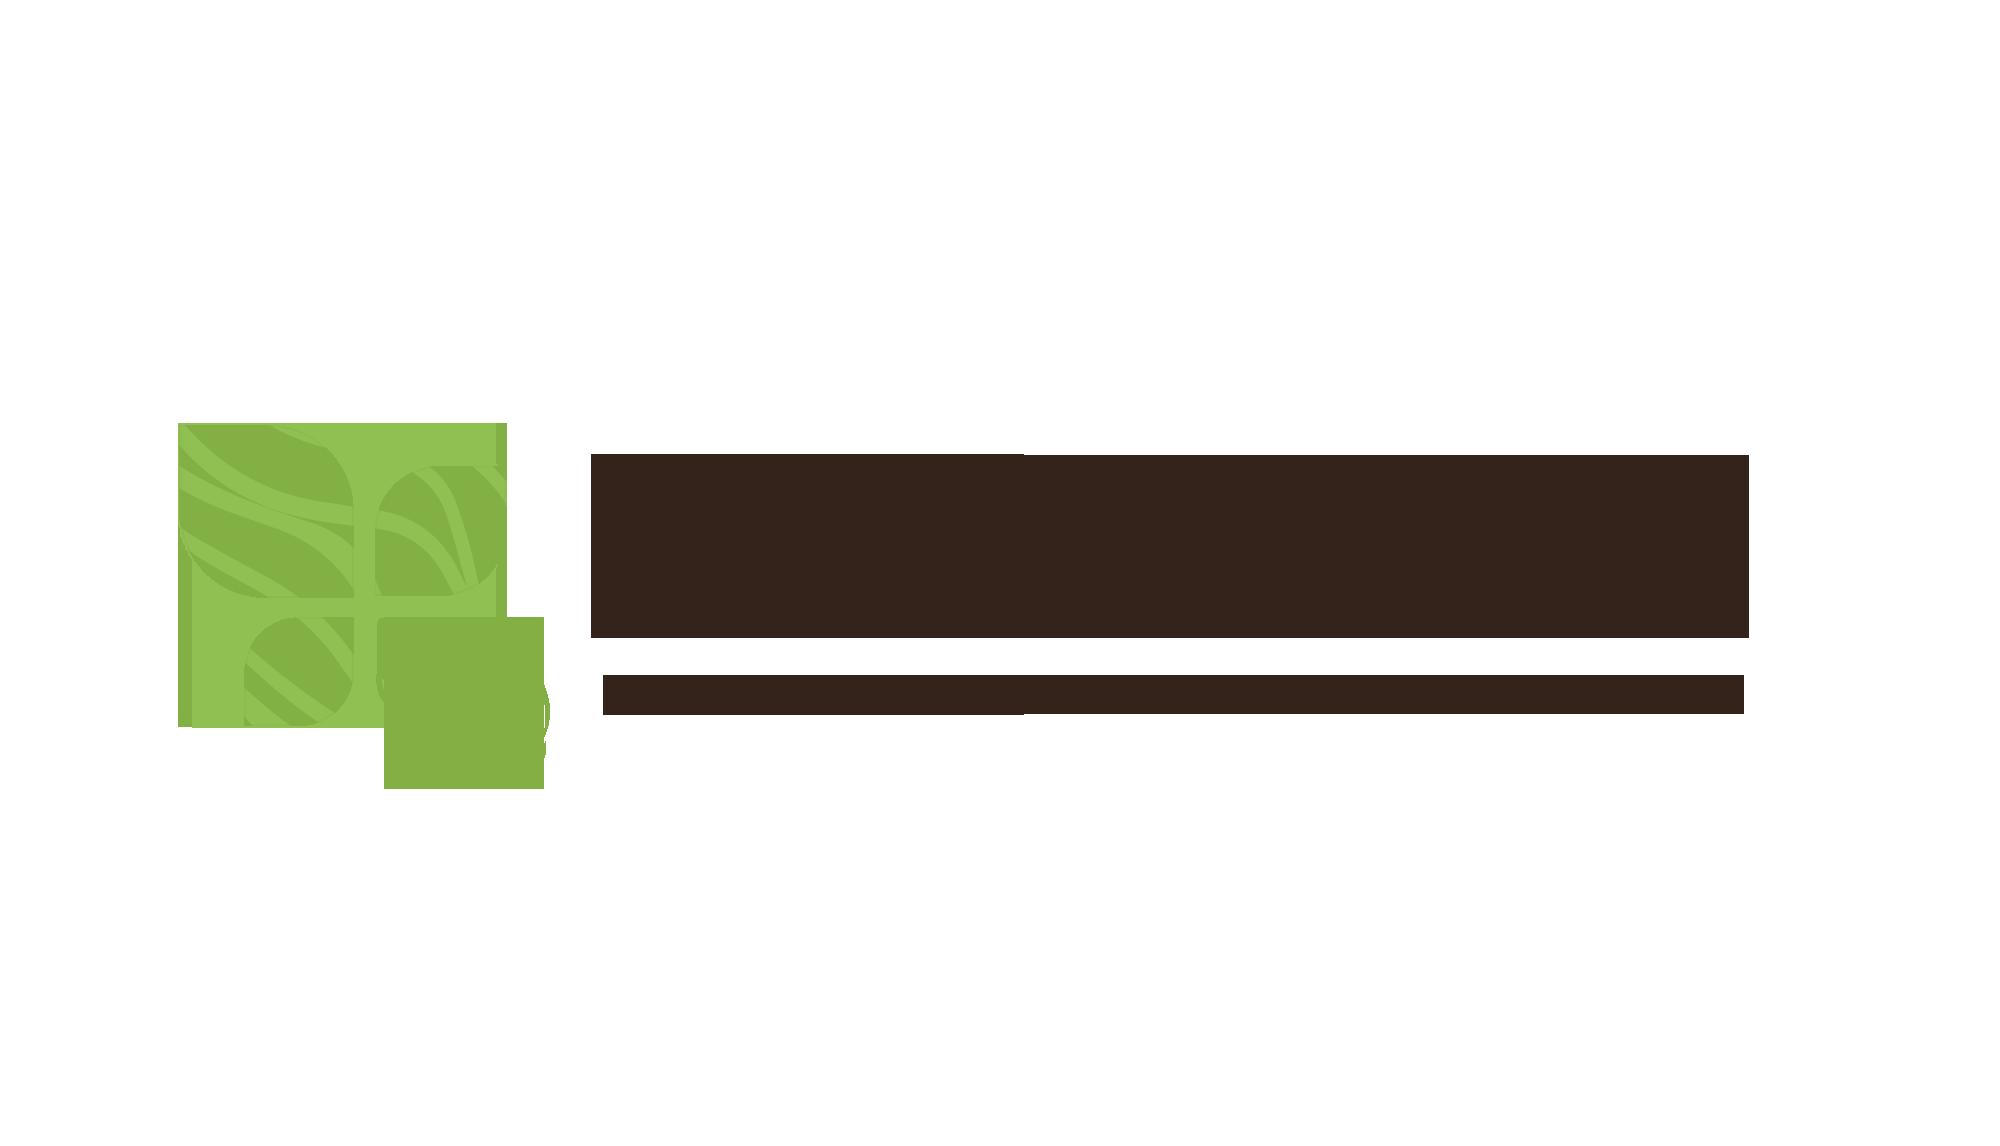 Le clos des Franquettes - Propriétaire récoltant de noix de Savoie depuis 1950